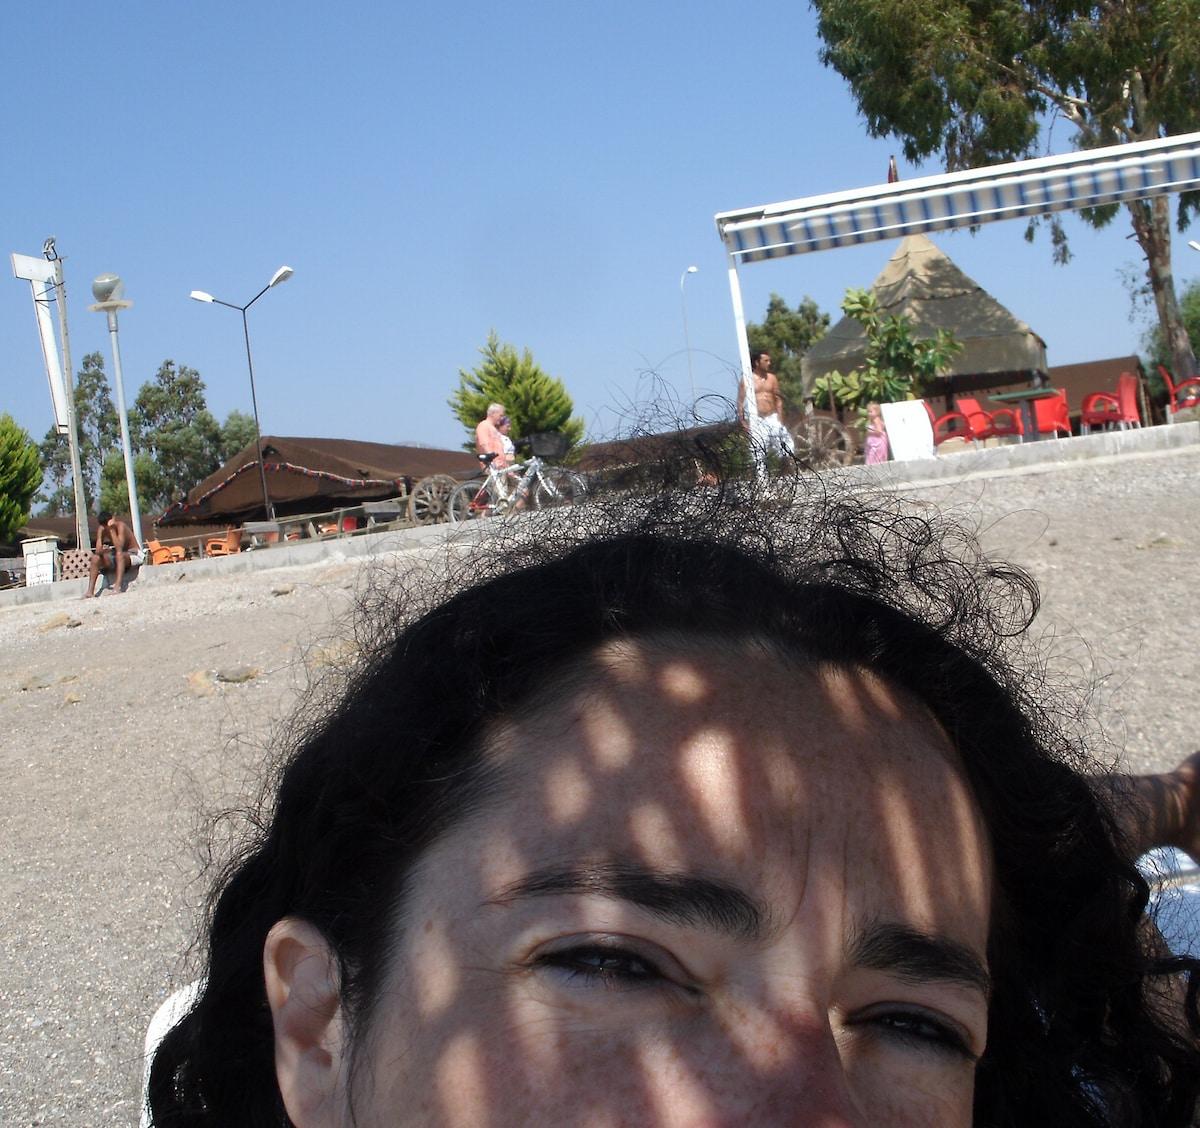 Dina from Barcelona